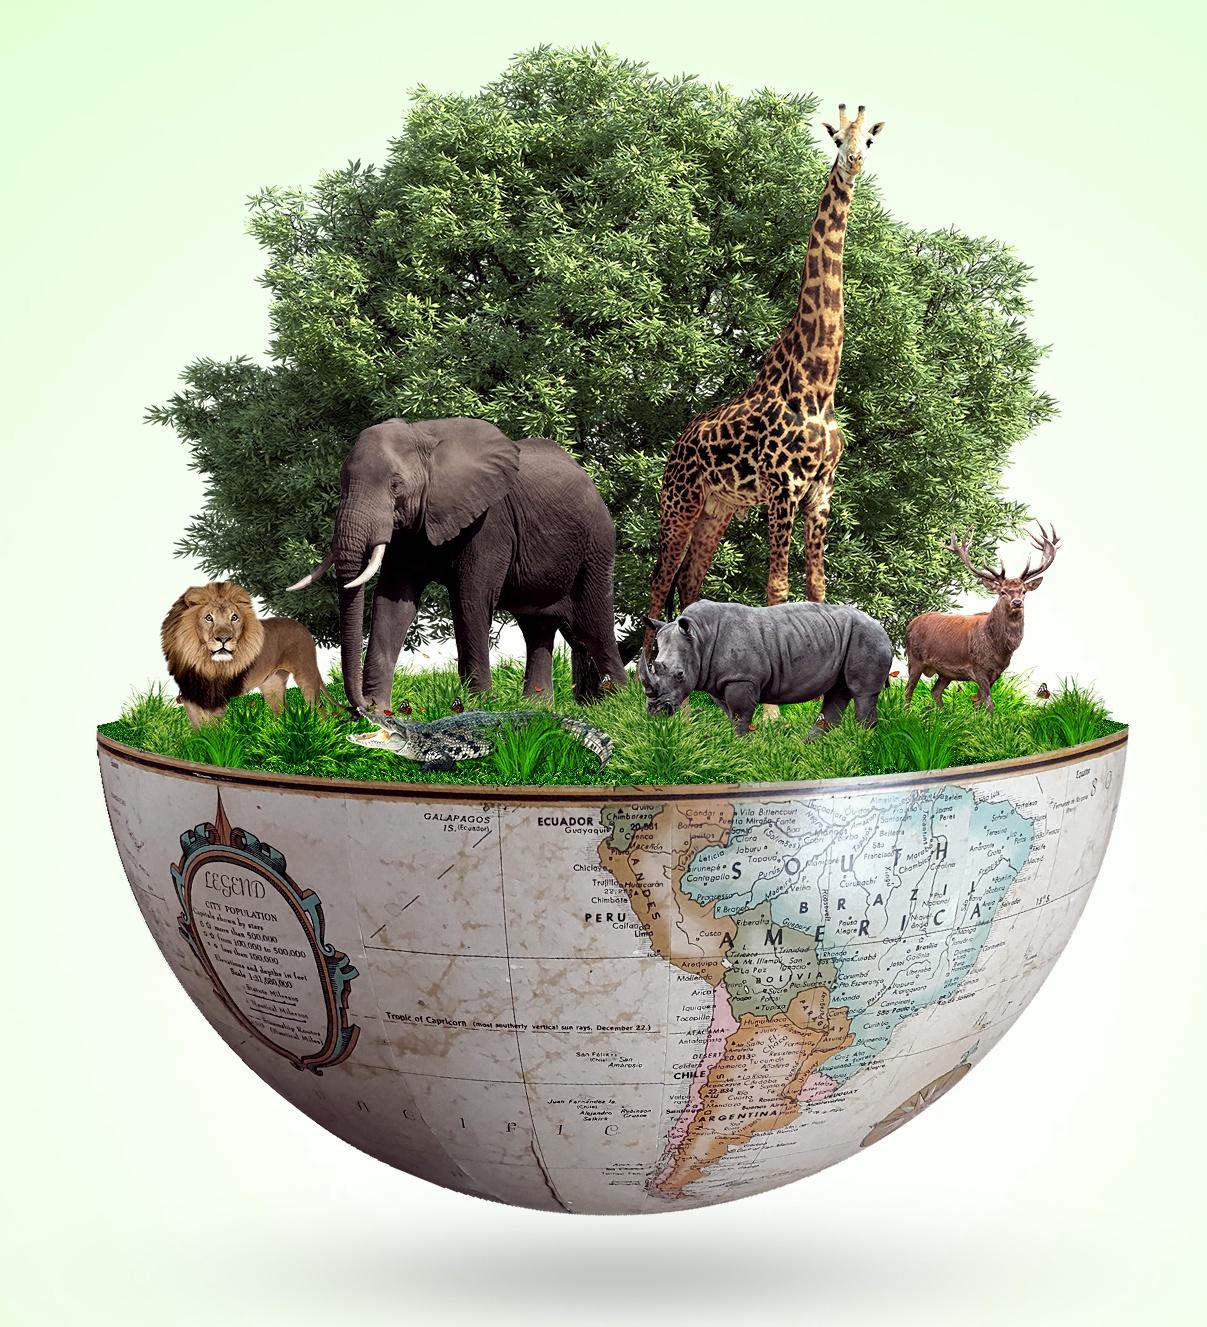 Concentre-se nas pessoas para valorizar a natureza